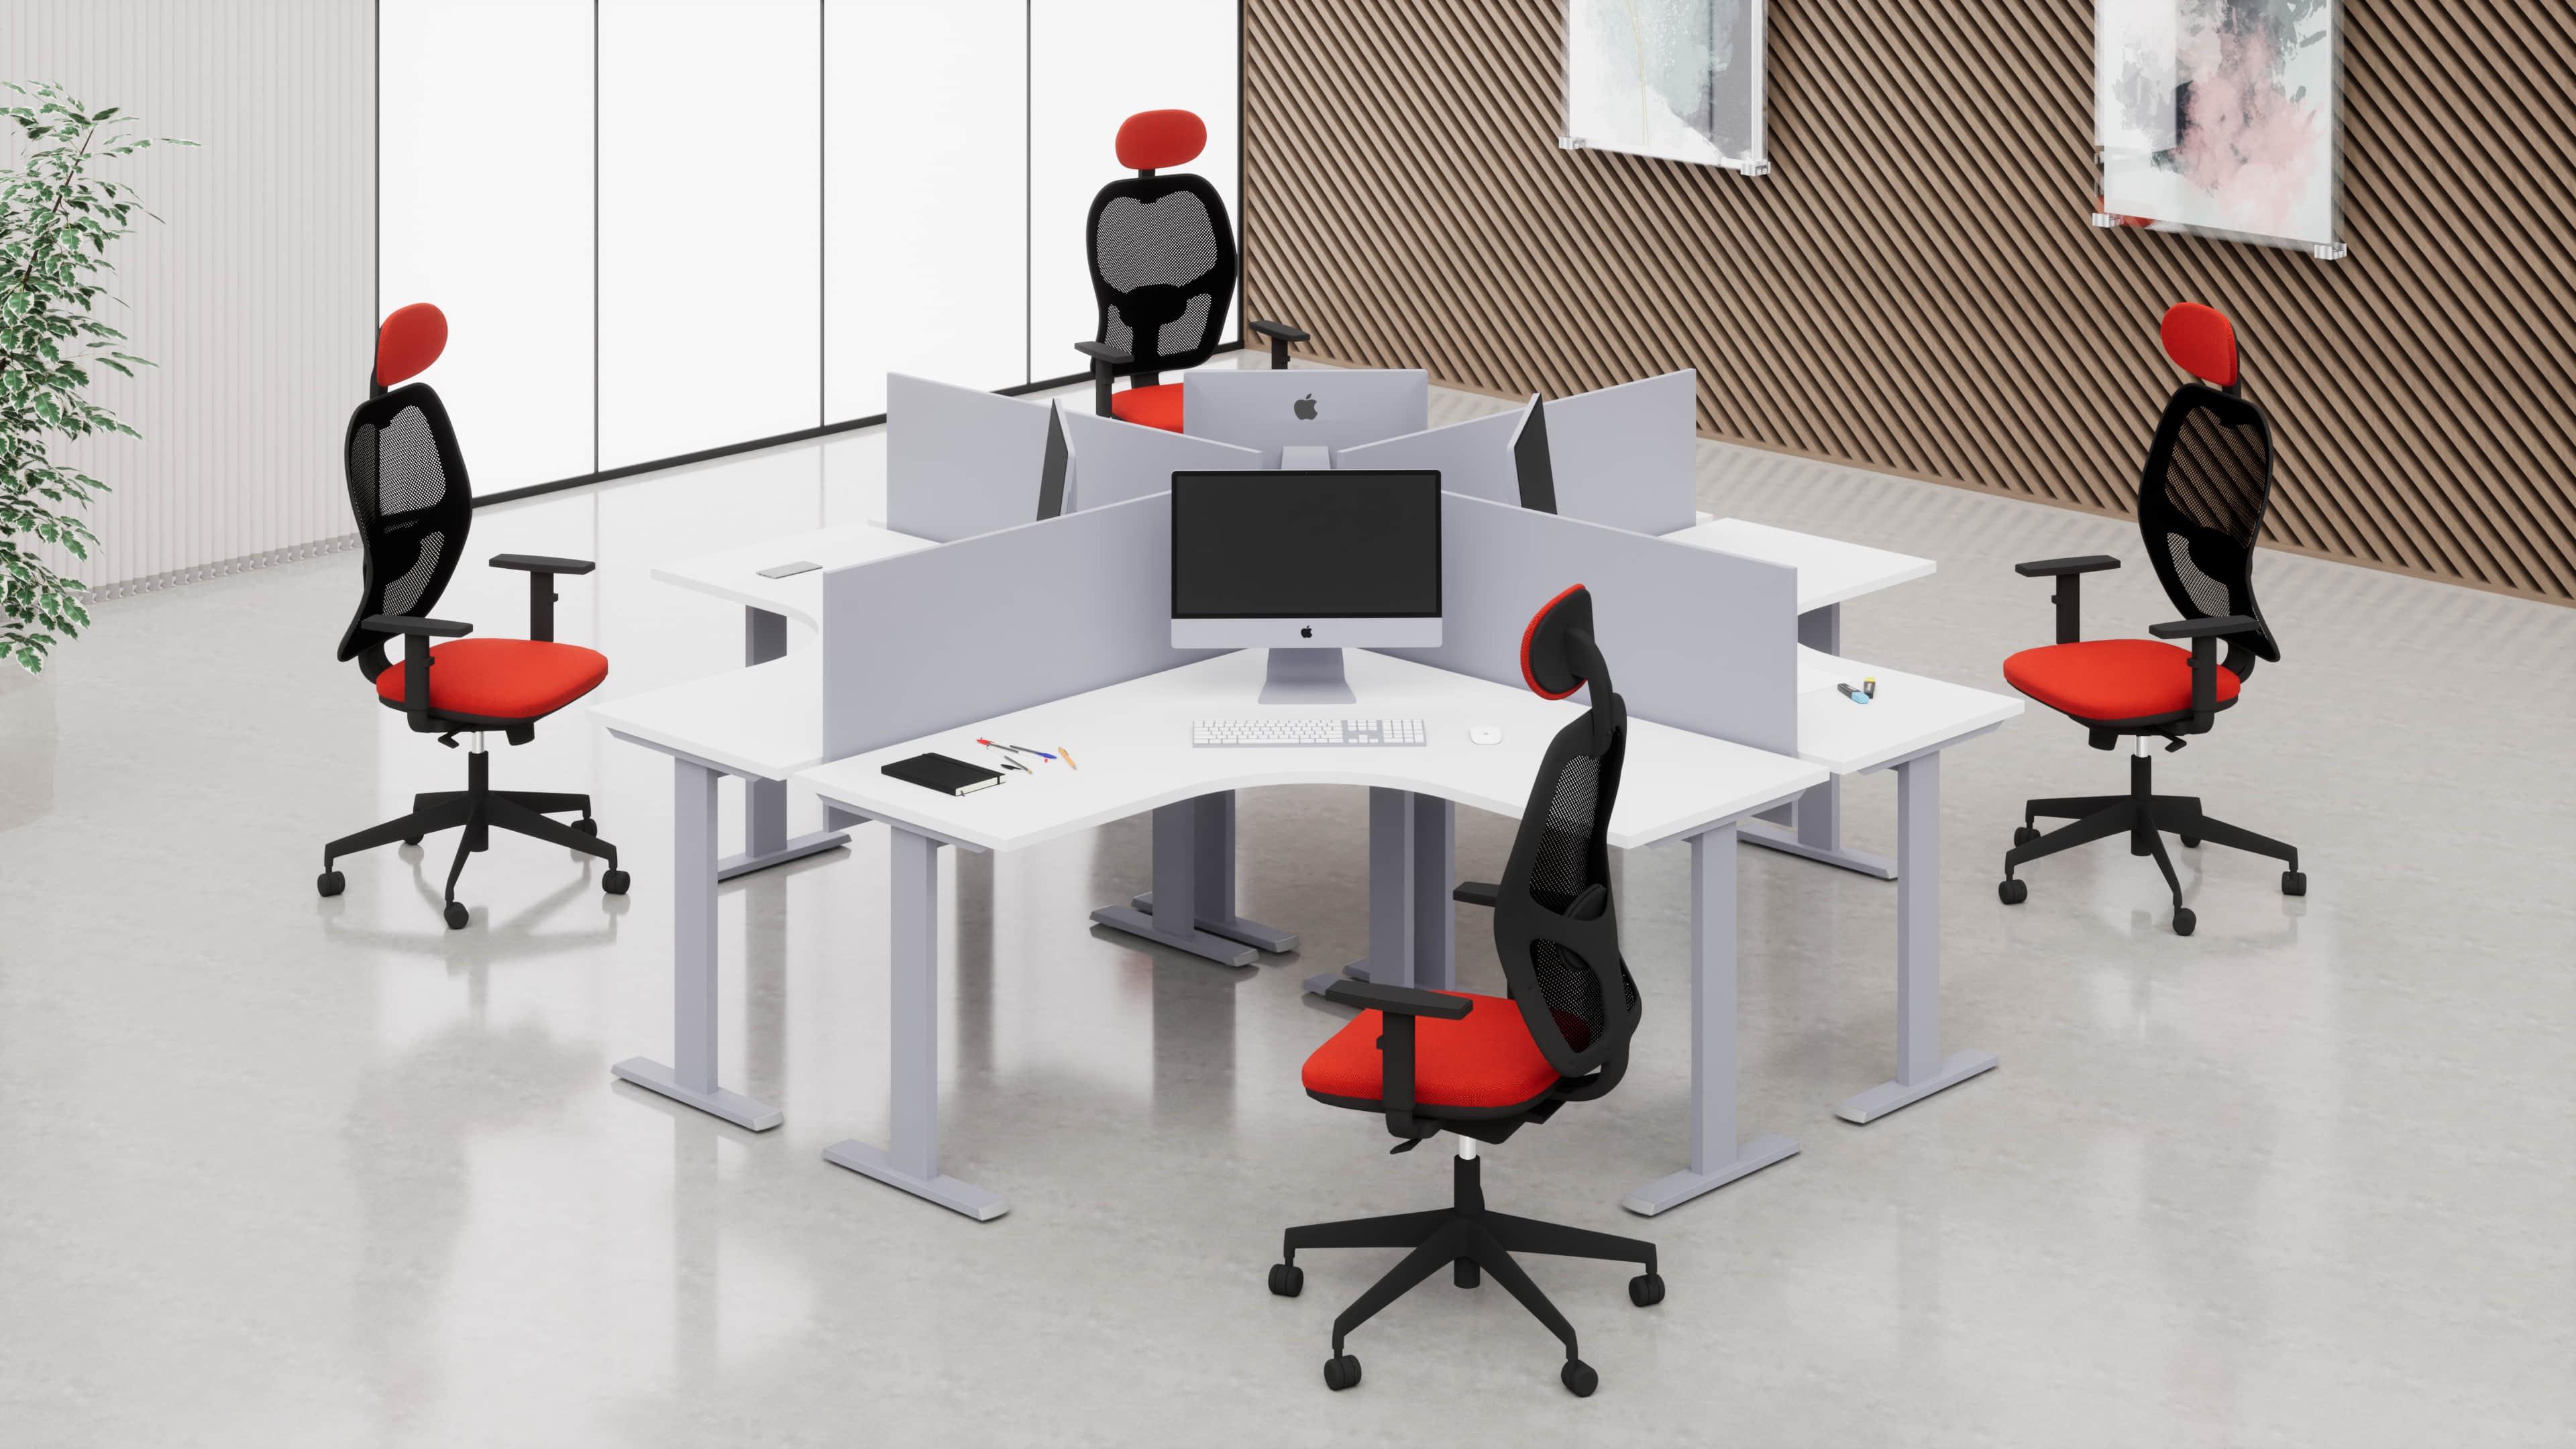 Scrivania workstation simmetrica con struttura metallica 4 postazioni